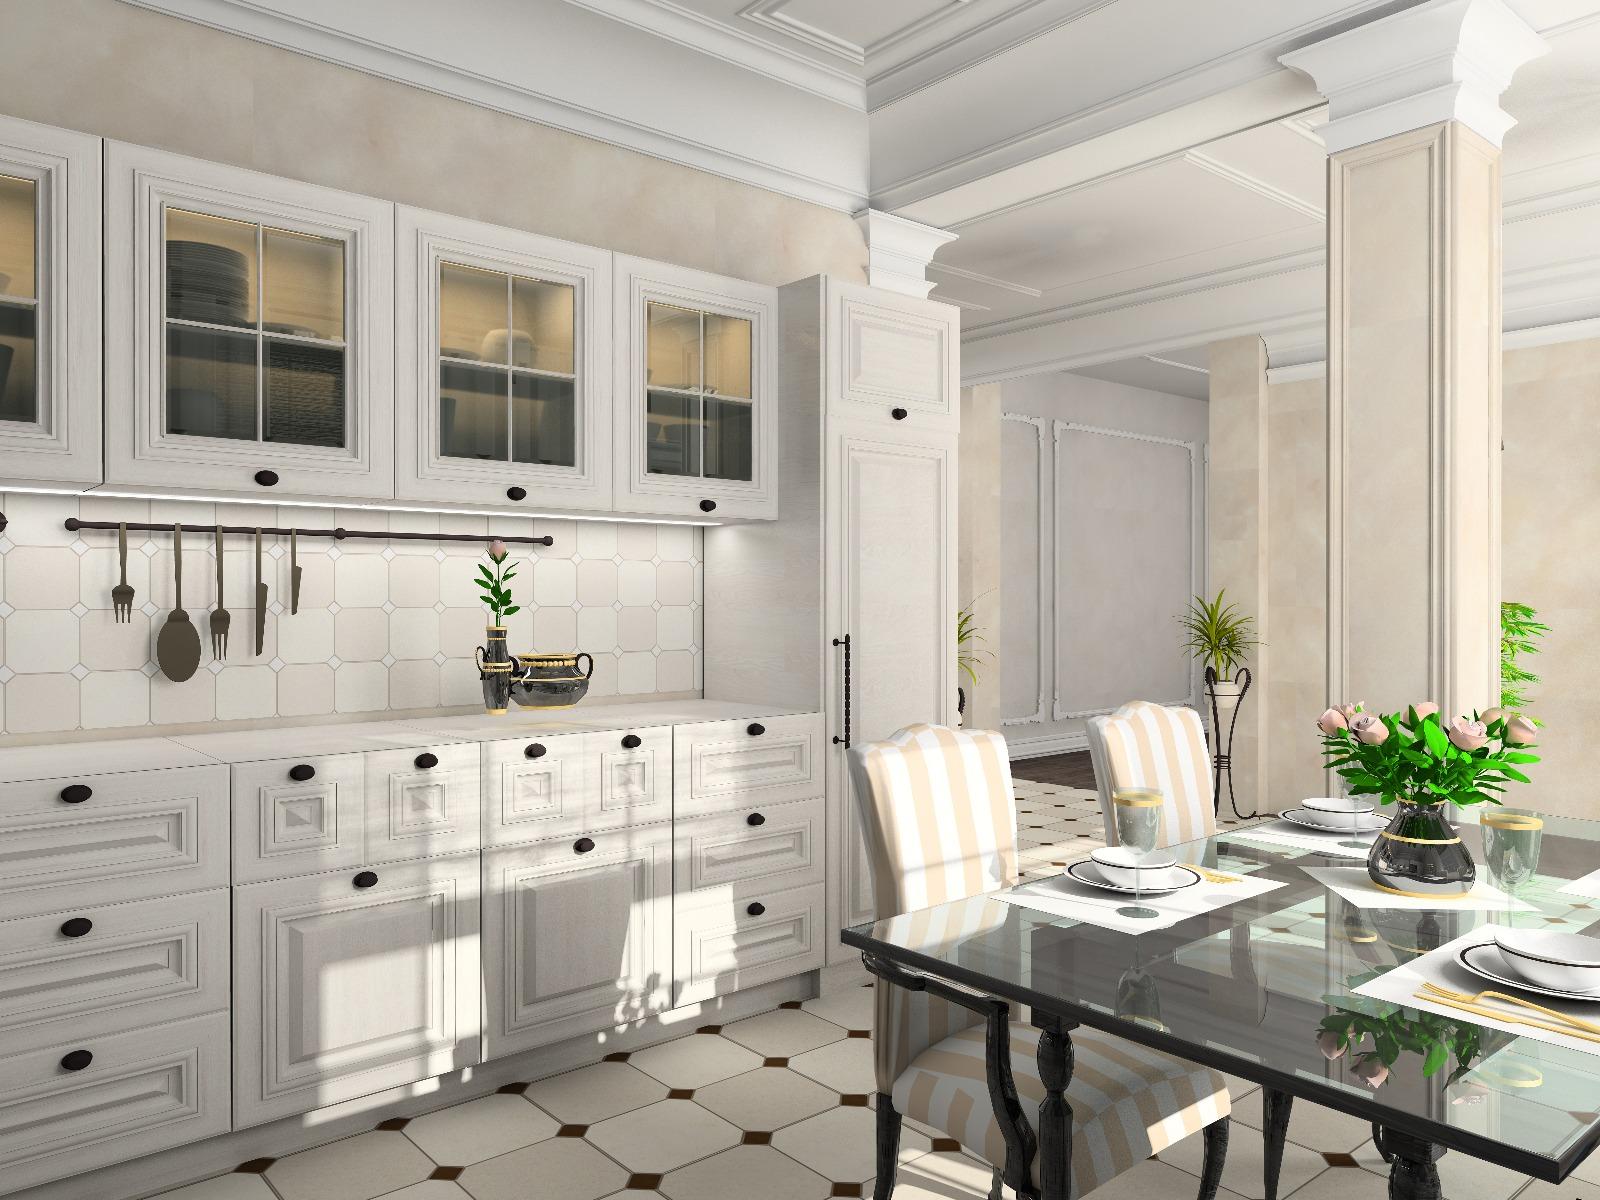 Das Bild zeigt eine Küche im modernen Landhausstil.